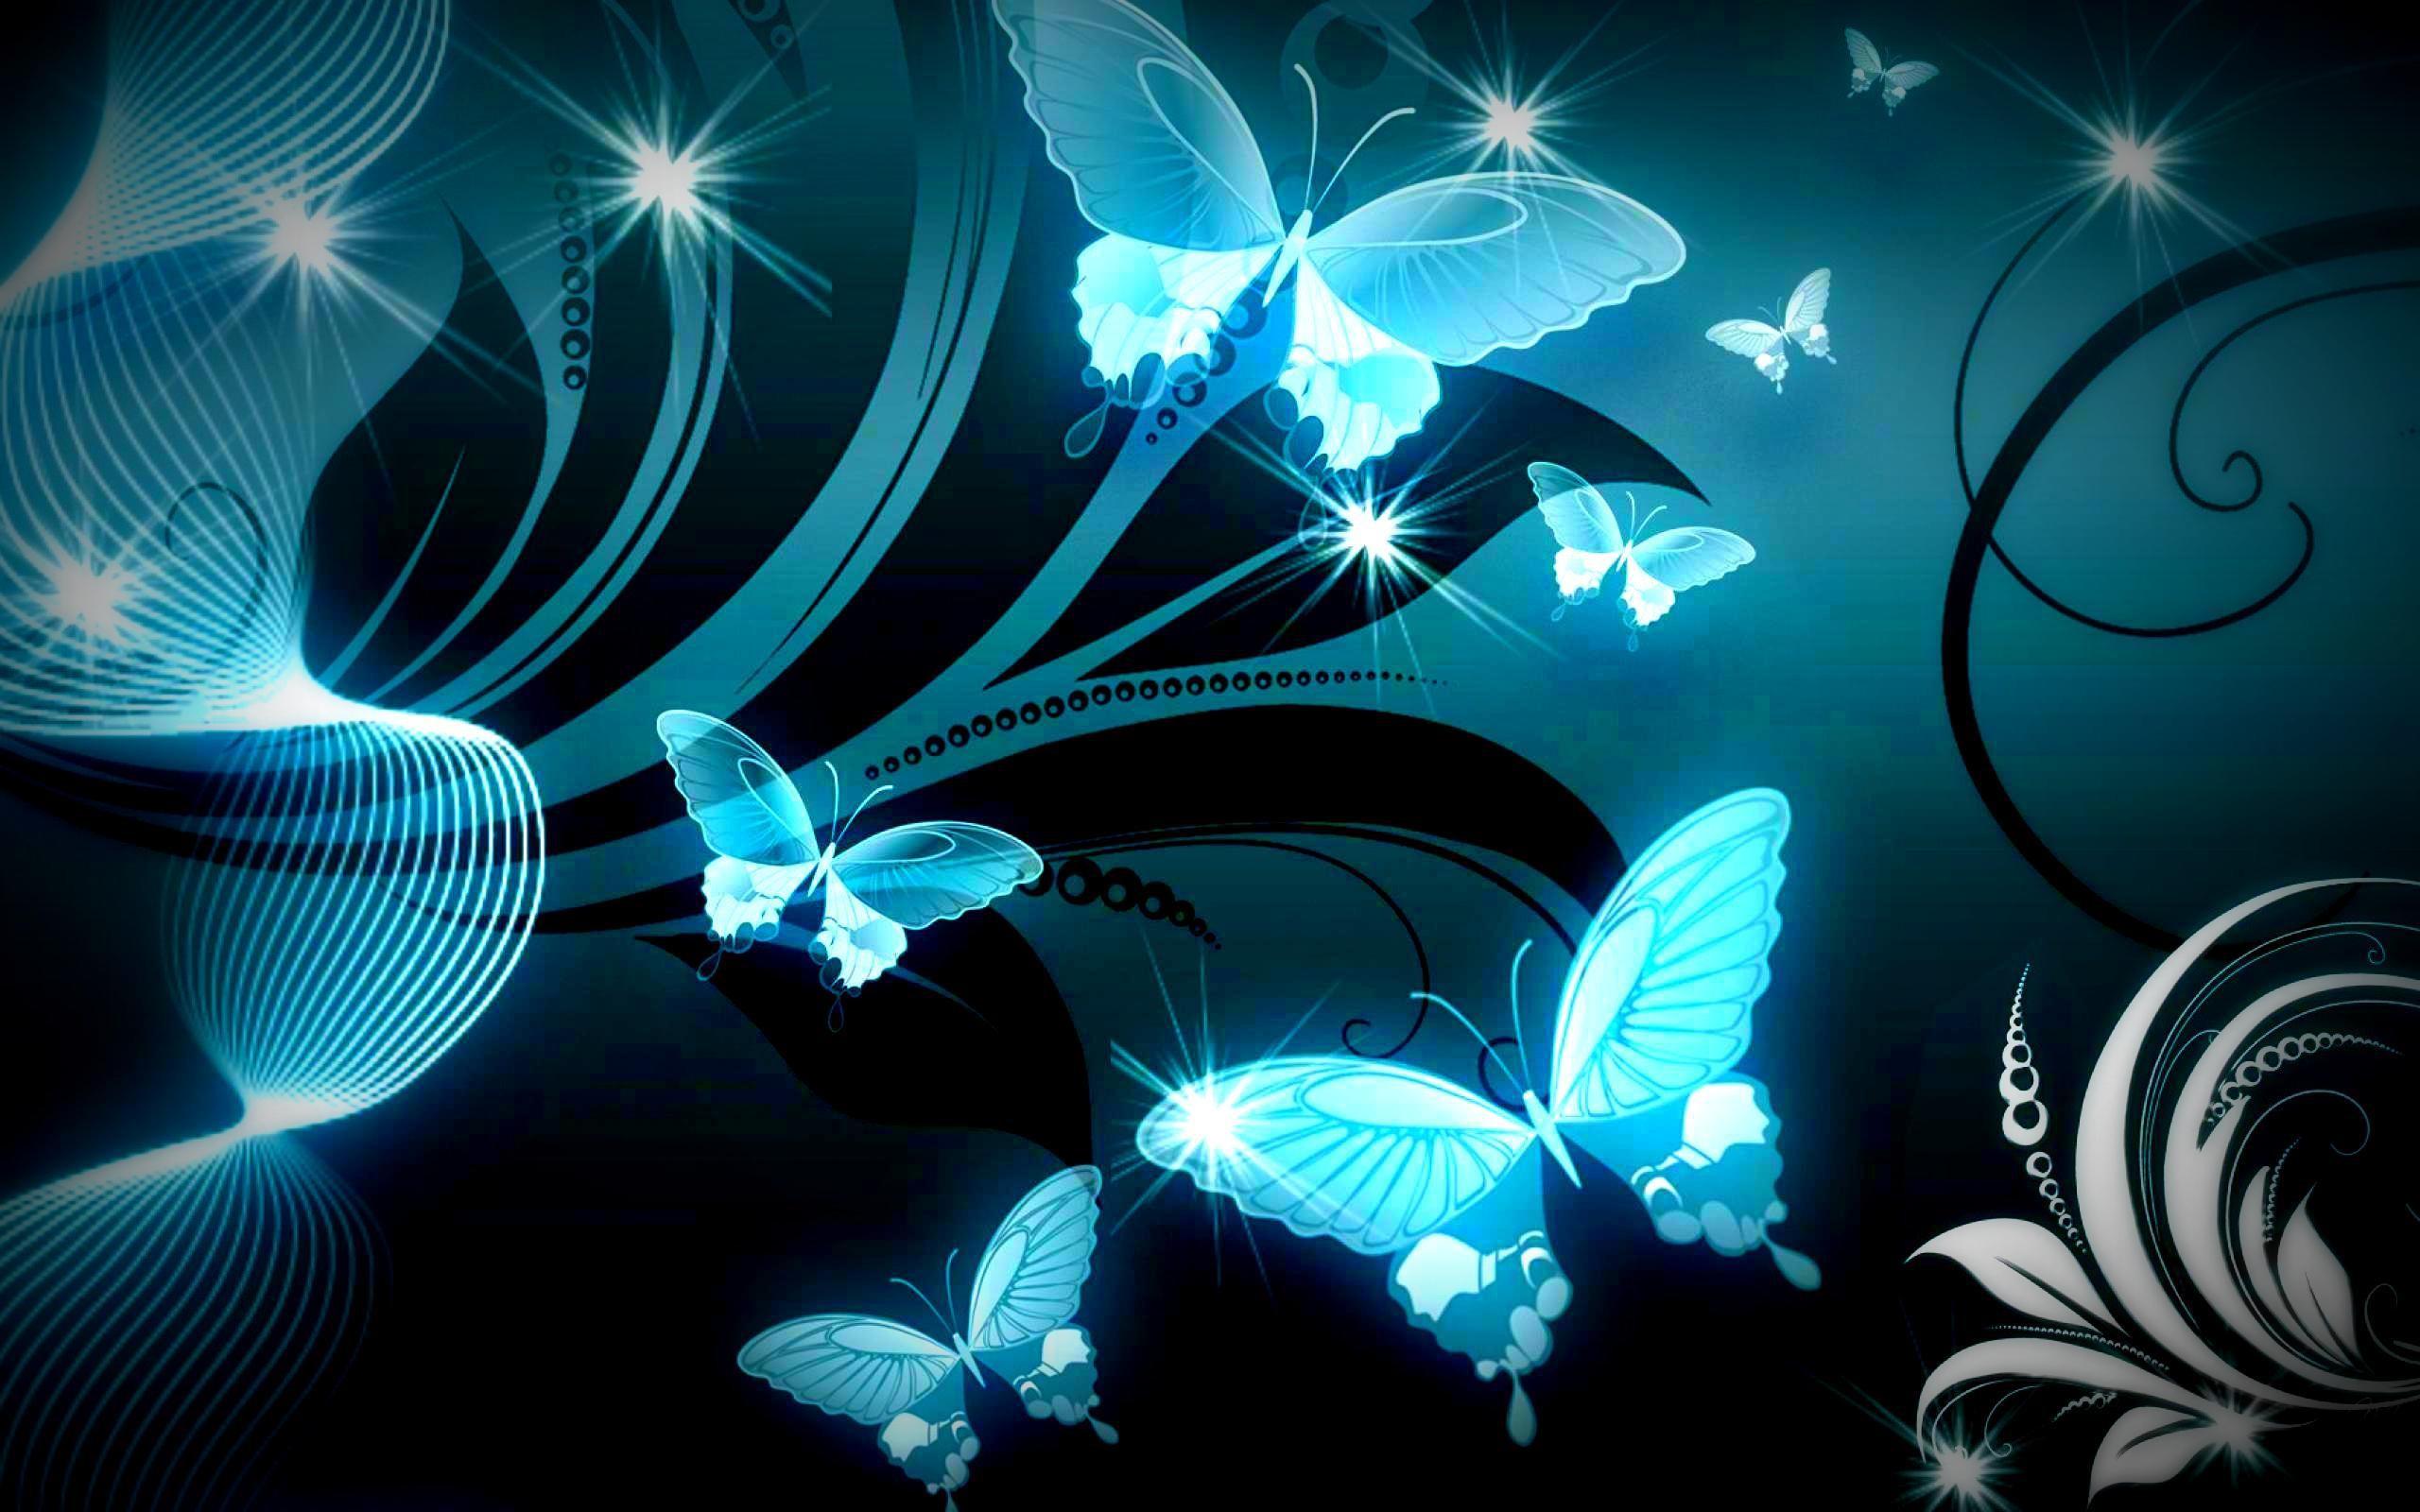 2560x1600 SPARKLE BLUE BUTTERFLIES WALLPAPER